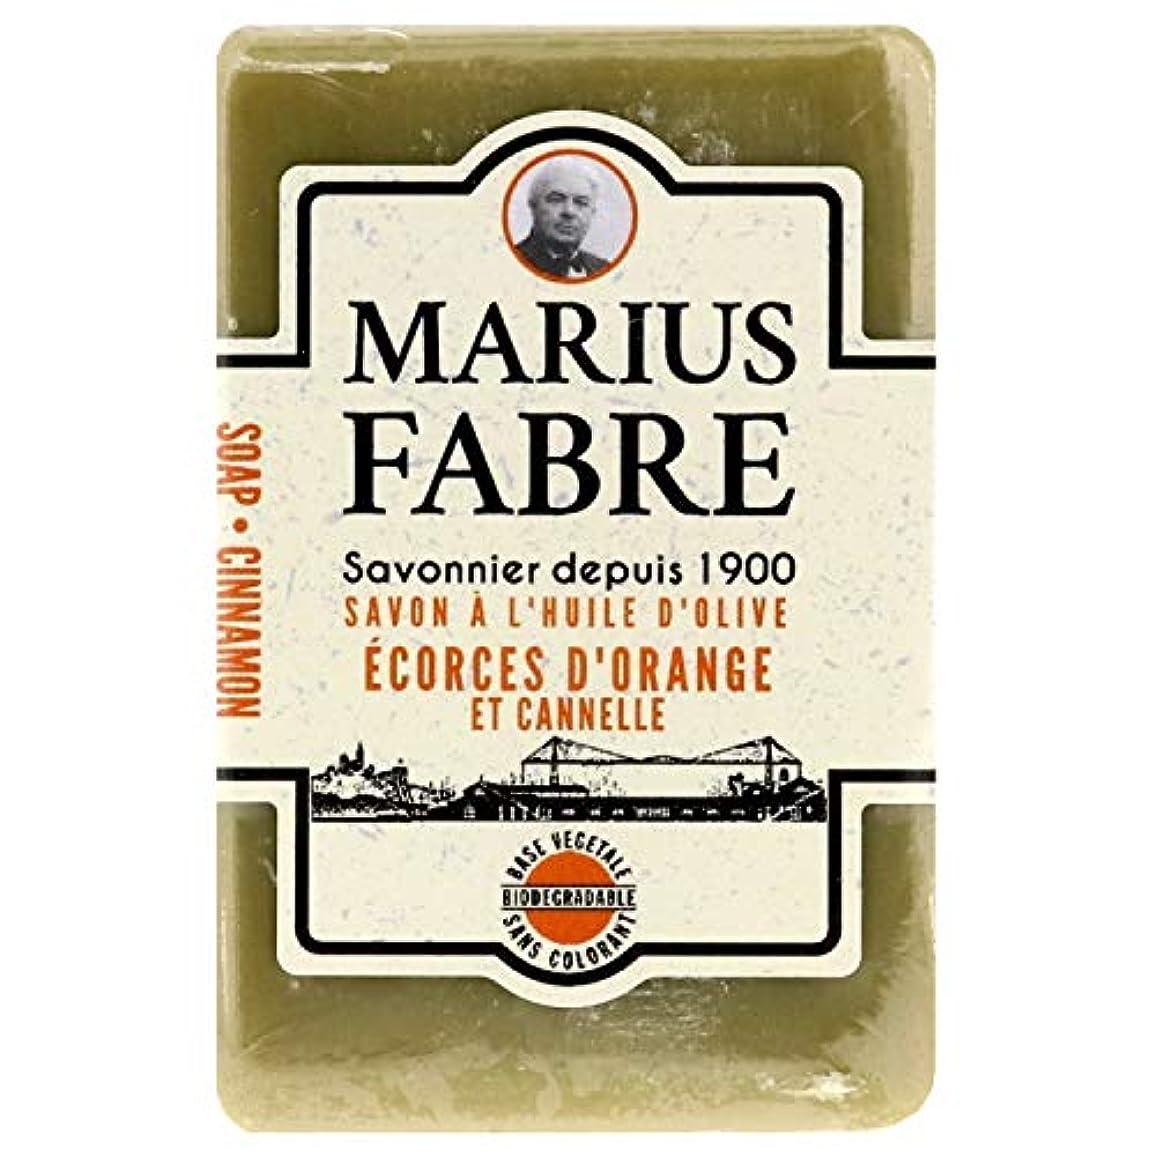 活力ナイトスポット回答サボンドマルセイユ 1900 シナモンオレンジ 150g